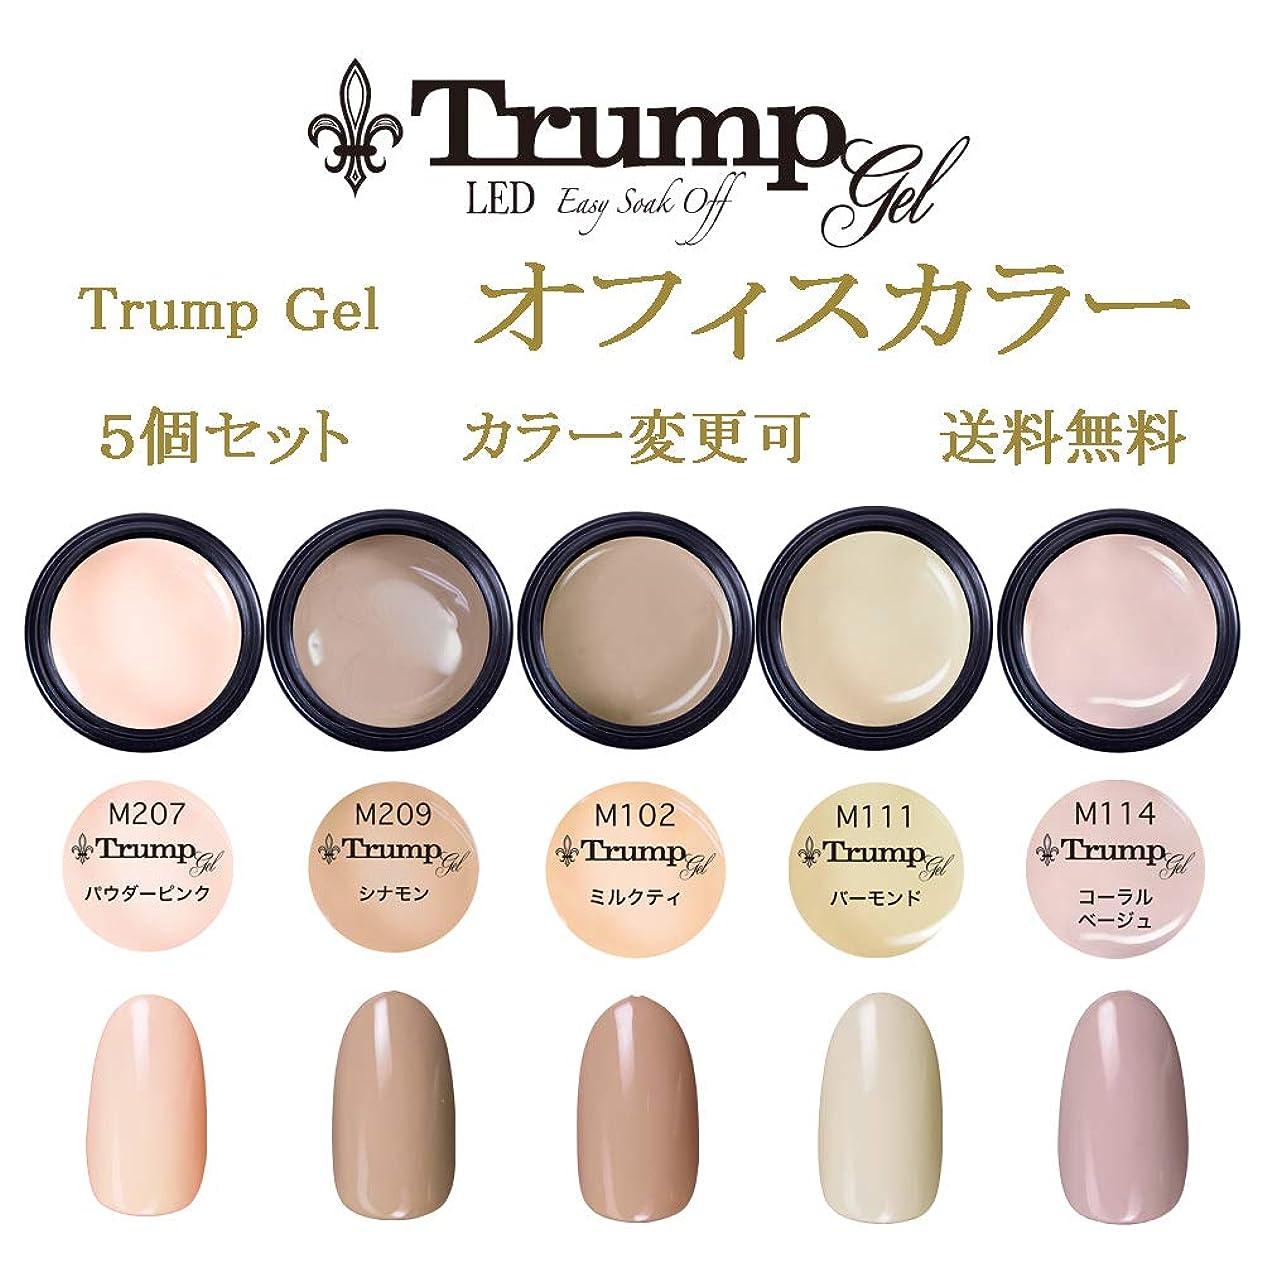 健康スマート敬の念日本製 Trump gel トランプジェル オフィスカラー 選べる カラージェル 5個セット ベージュ ブラウン ピンク ホワイト ビジネス カジュアル オフィス